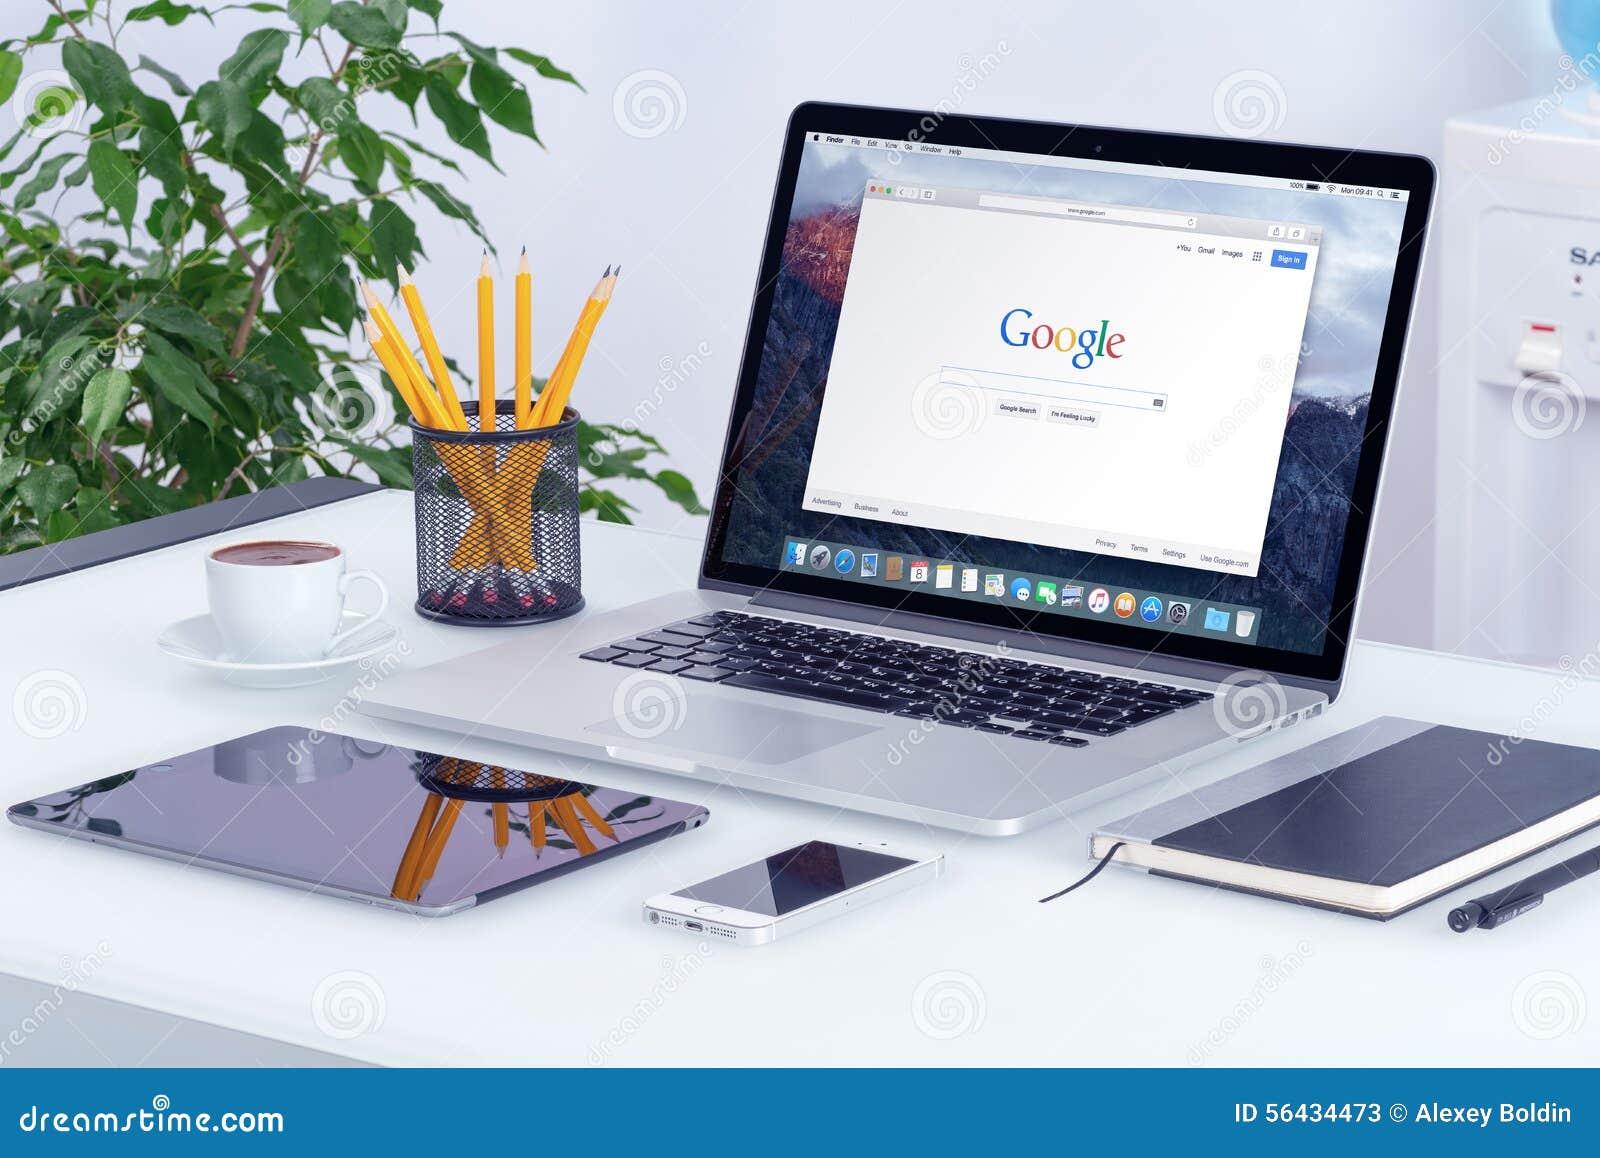 Apple MacBook Pro en el escritorio con la página web de la búsqueda de Google